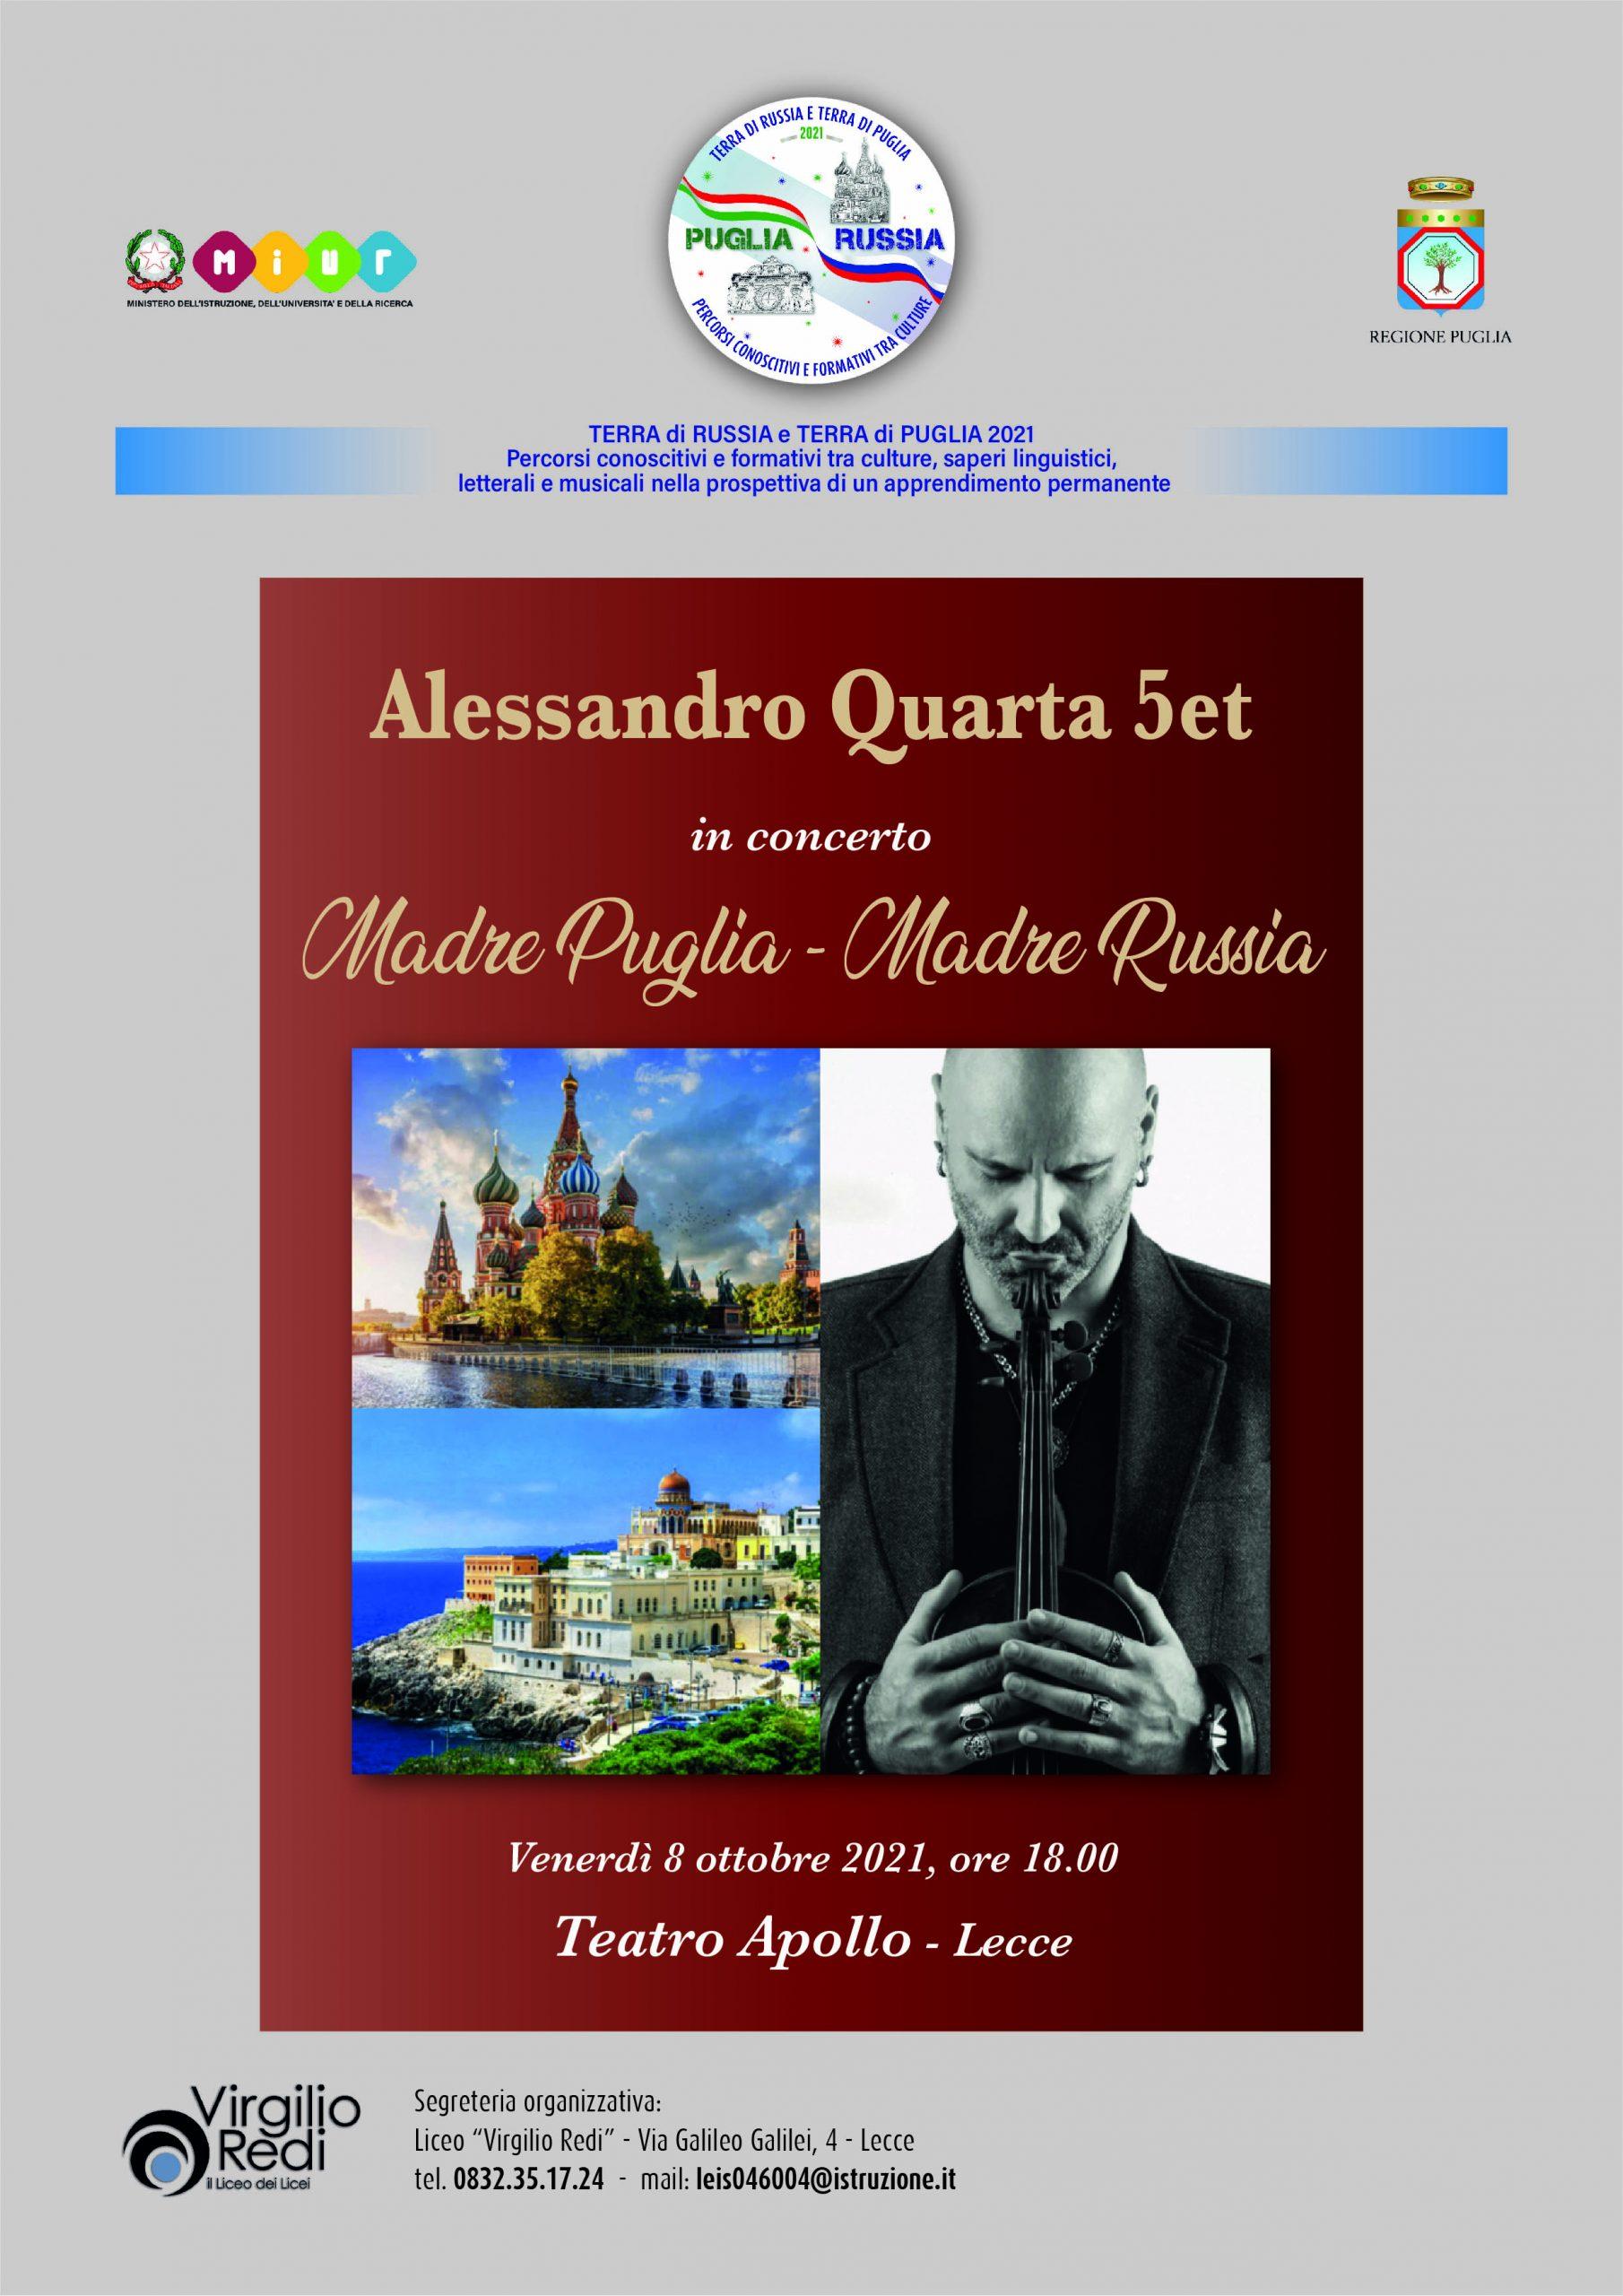 Locandina Puglia-Russia copia